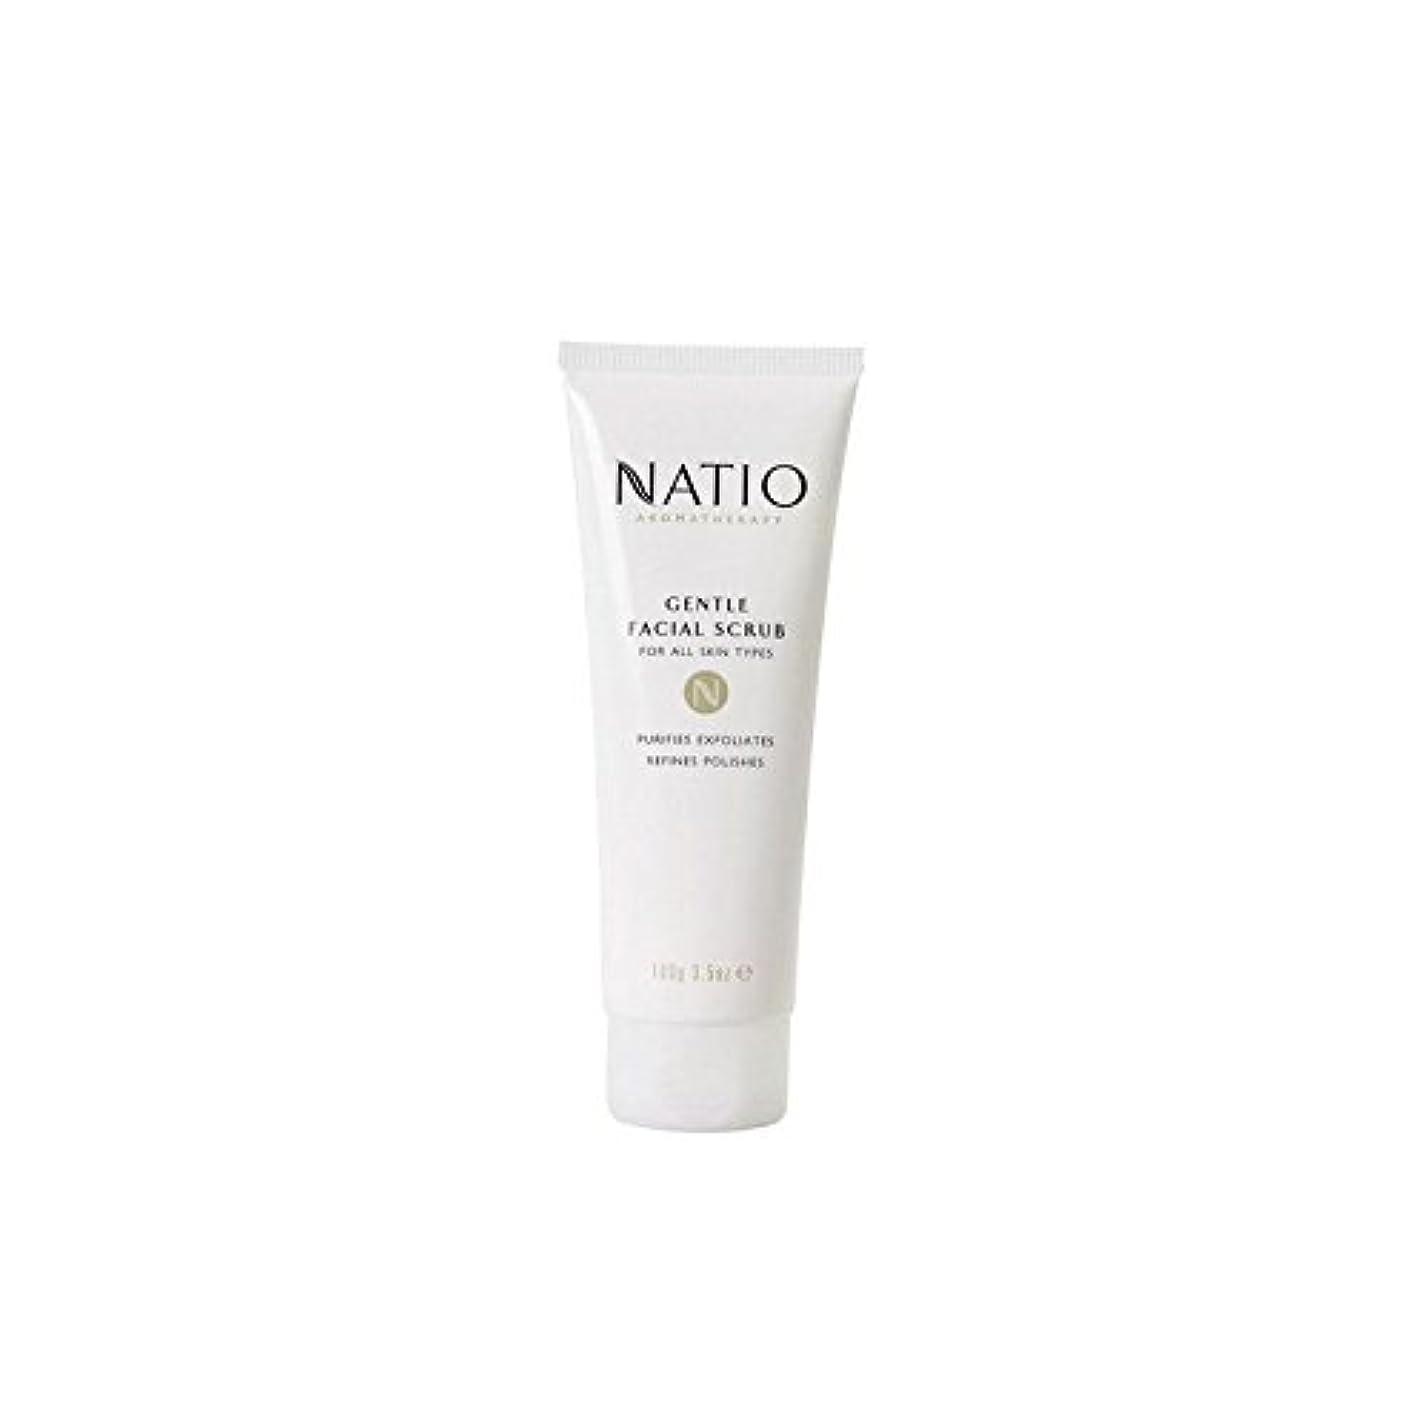 大事にする遺体安置所透ける優しいフェイシャルスクラブ(100グラム) x4 - Natio Gentle Facial Scrub (100G) (Pack of 4) [並行輸入品]